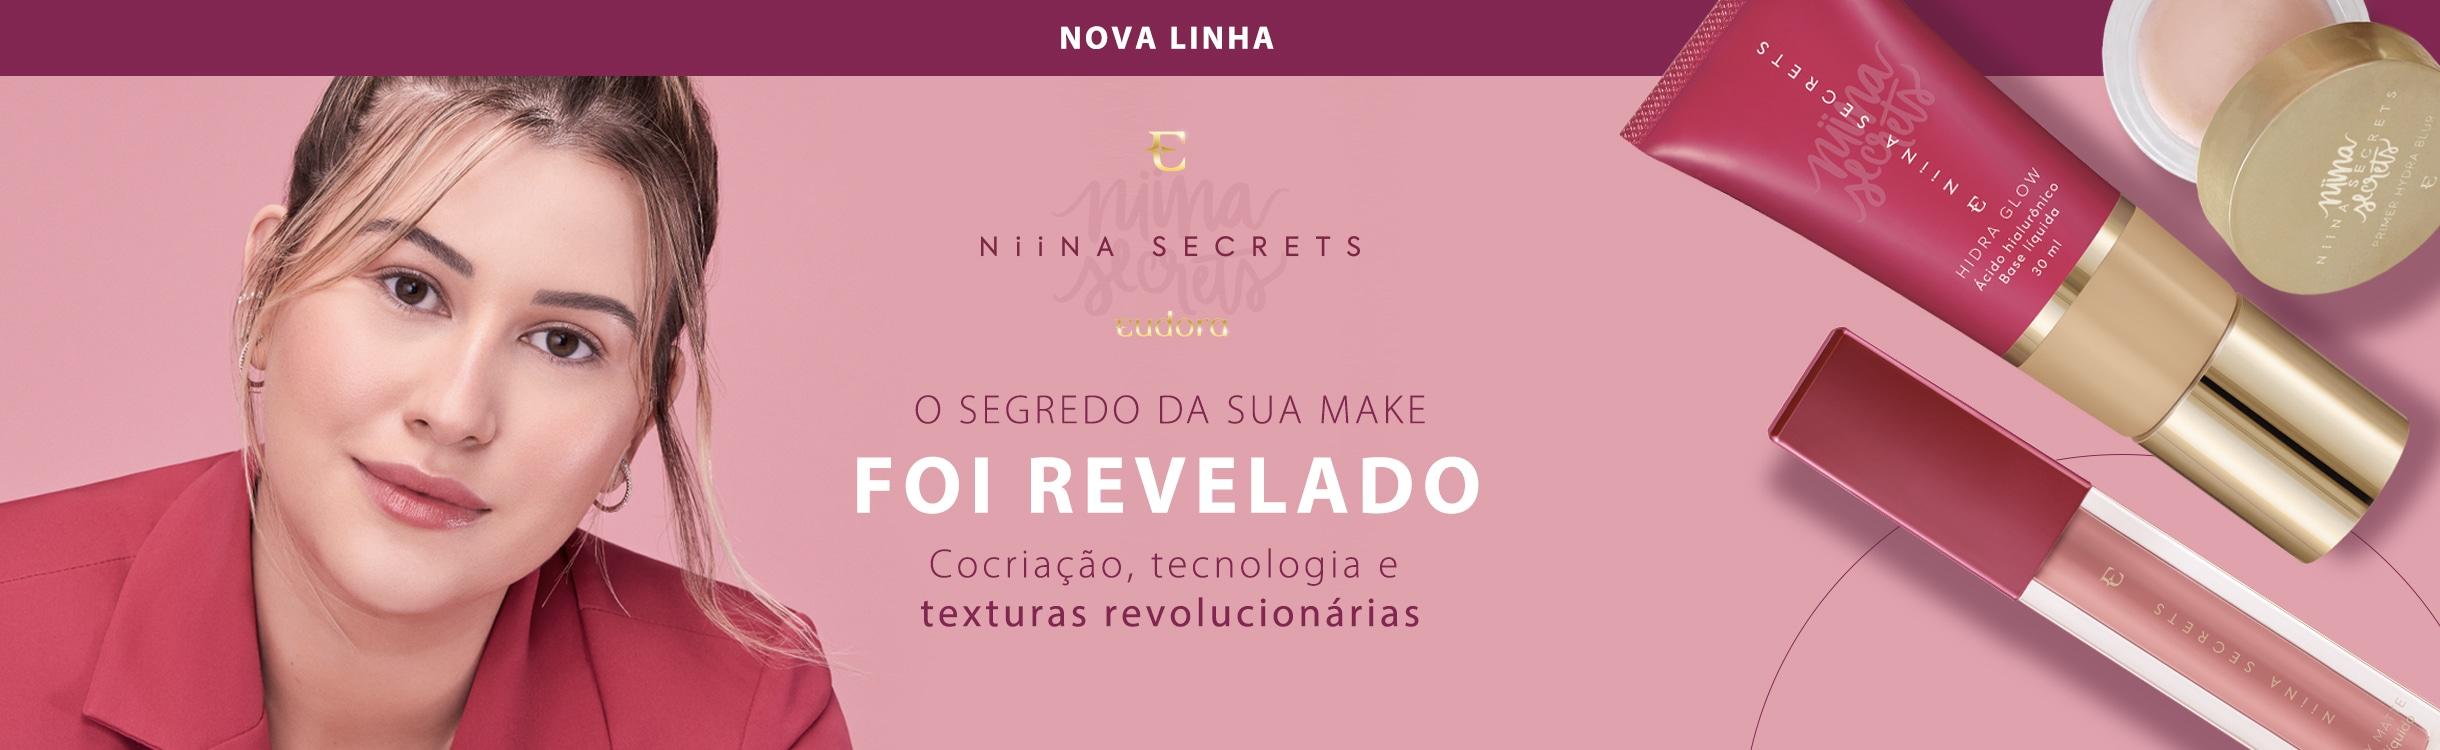 Eudora/Niina Secrets